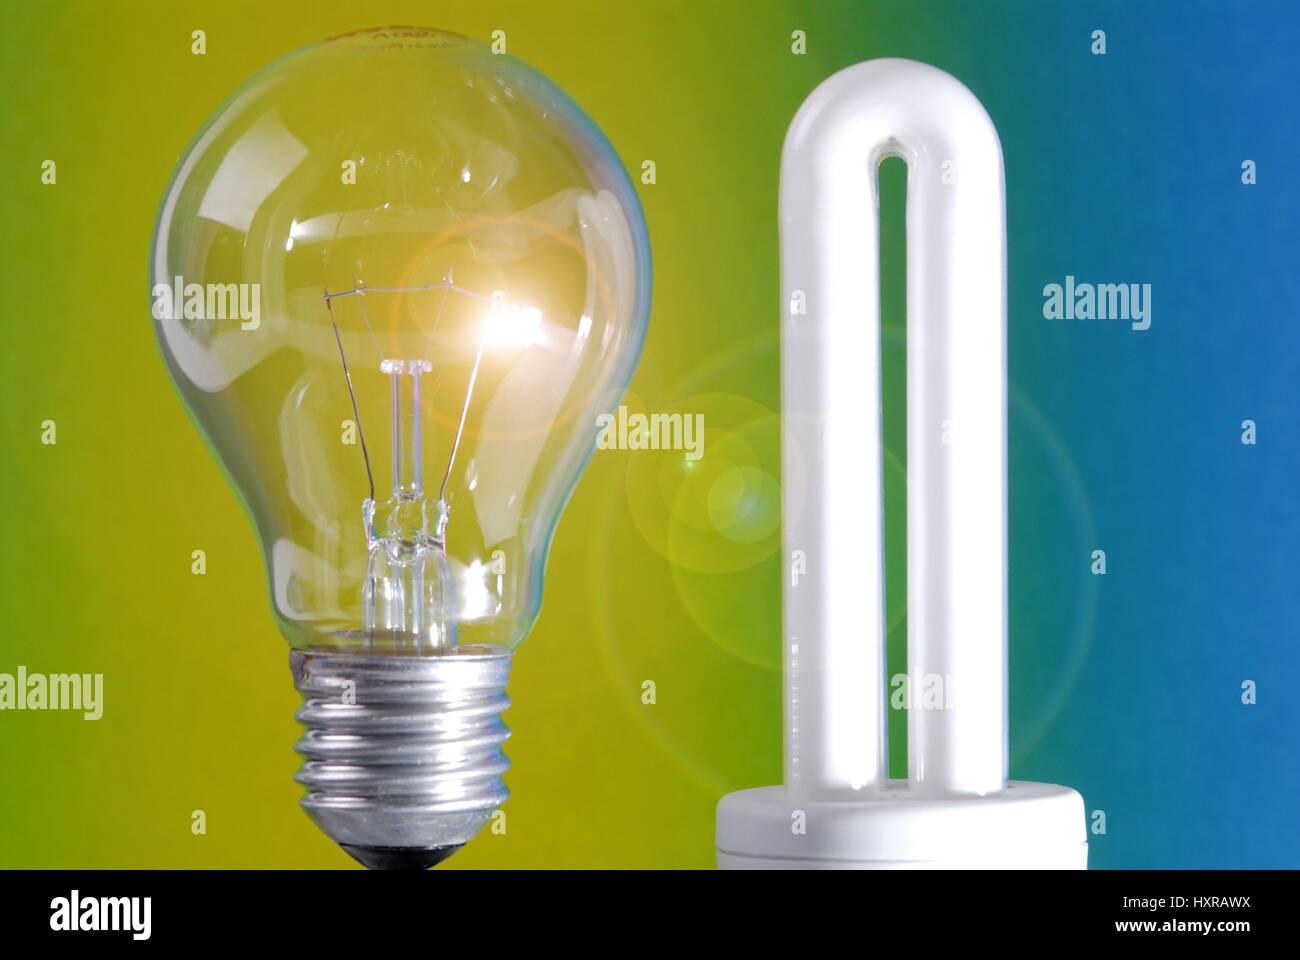 Lampen En Licht : Elektrische glühbirne elektrische glühbirnen glühbirne glühbirnen